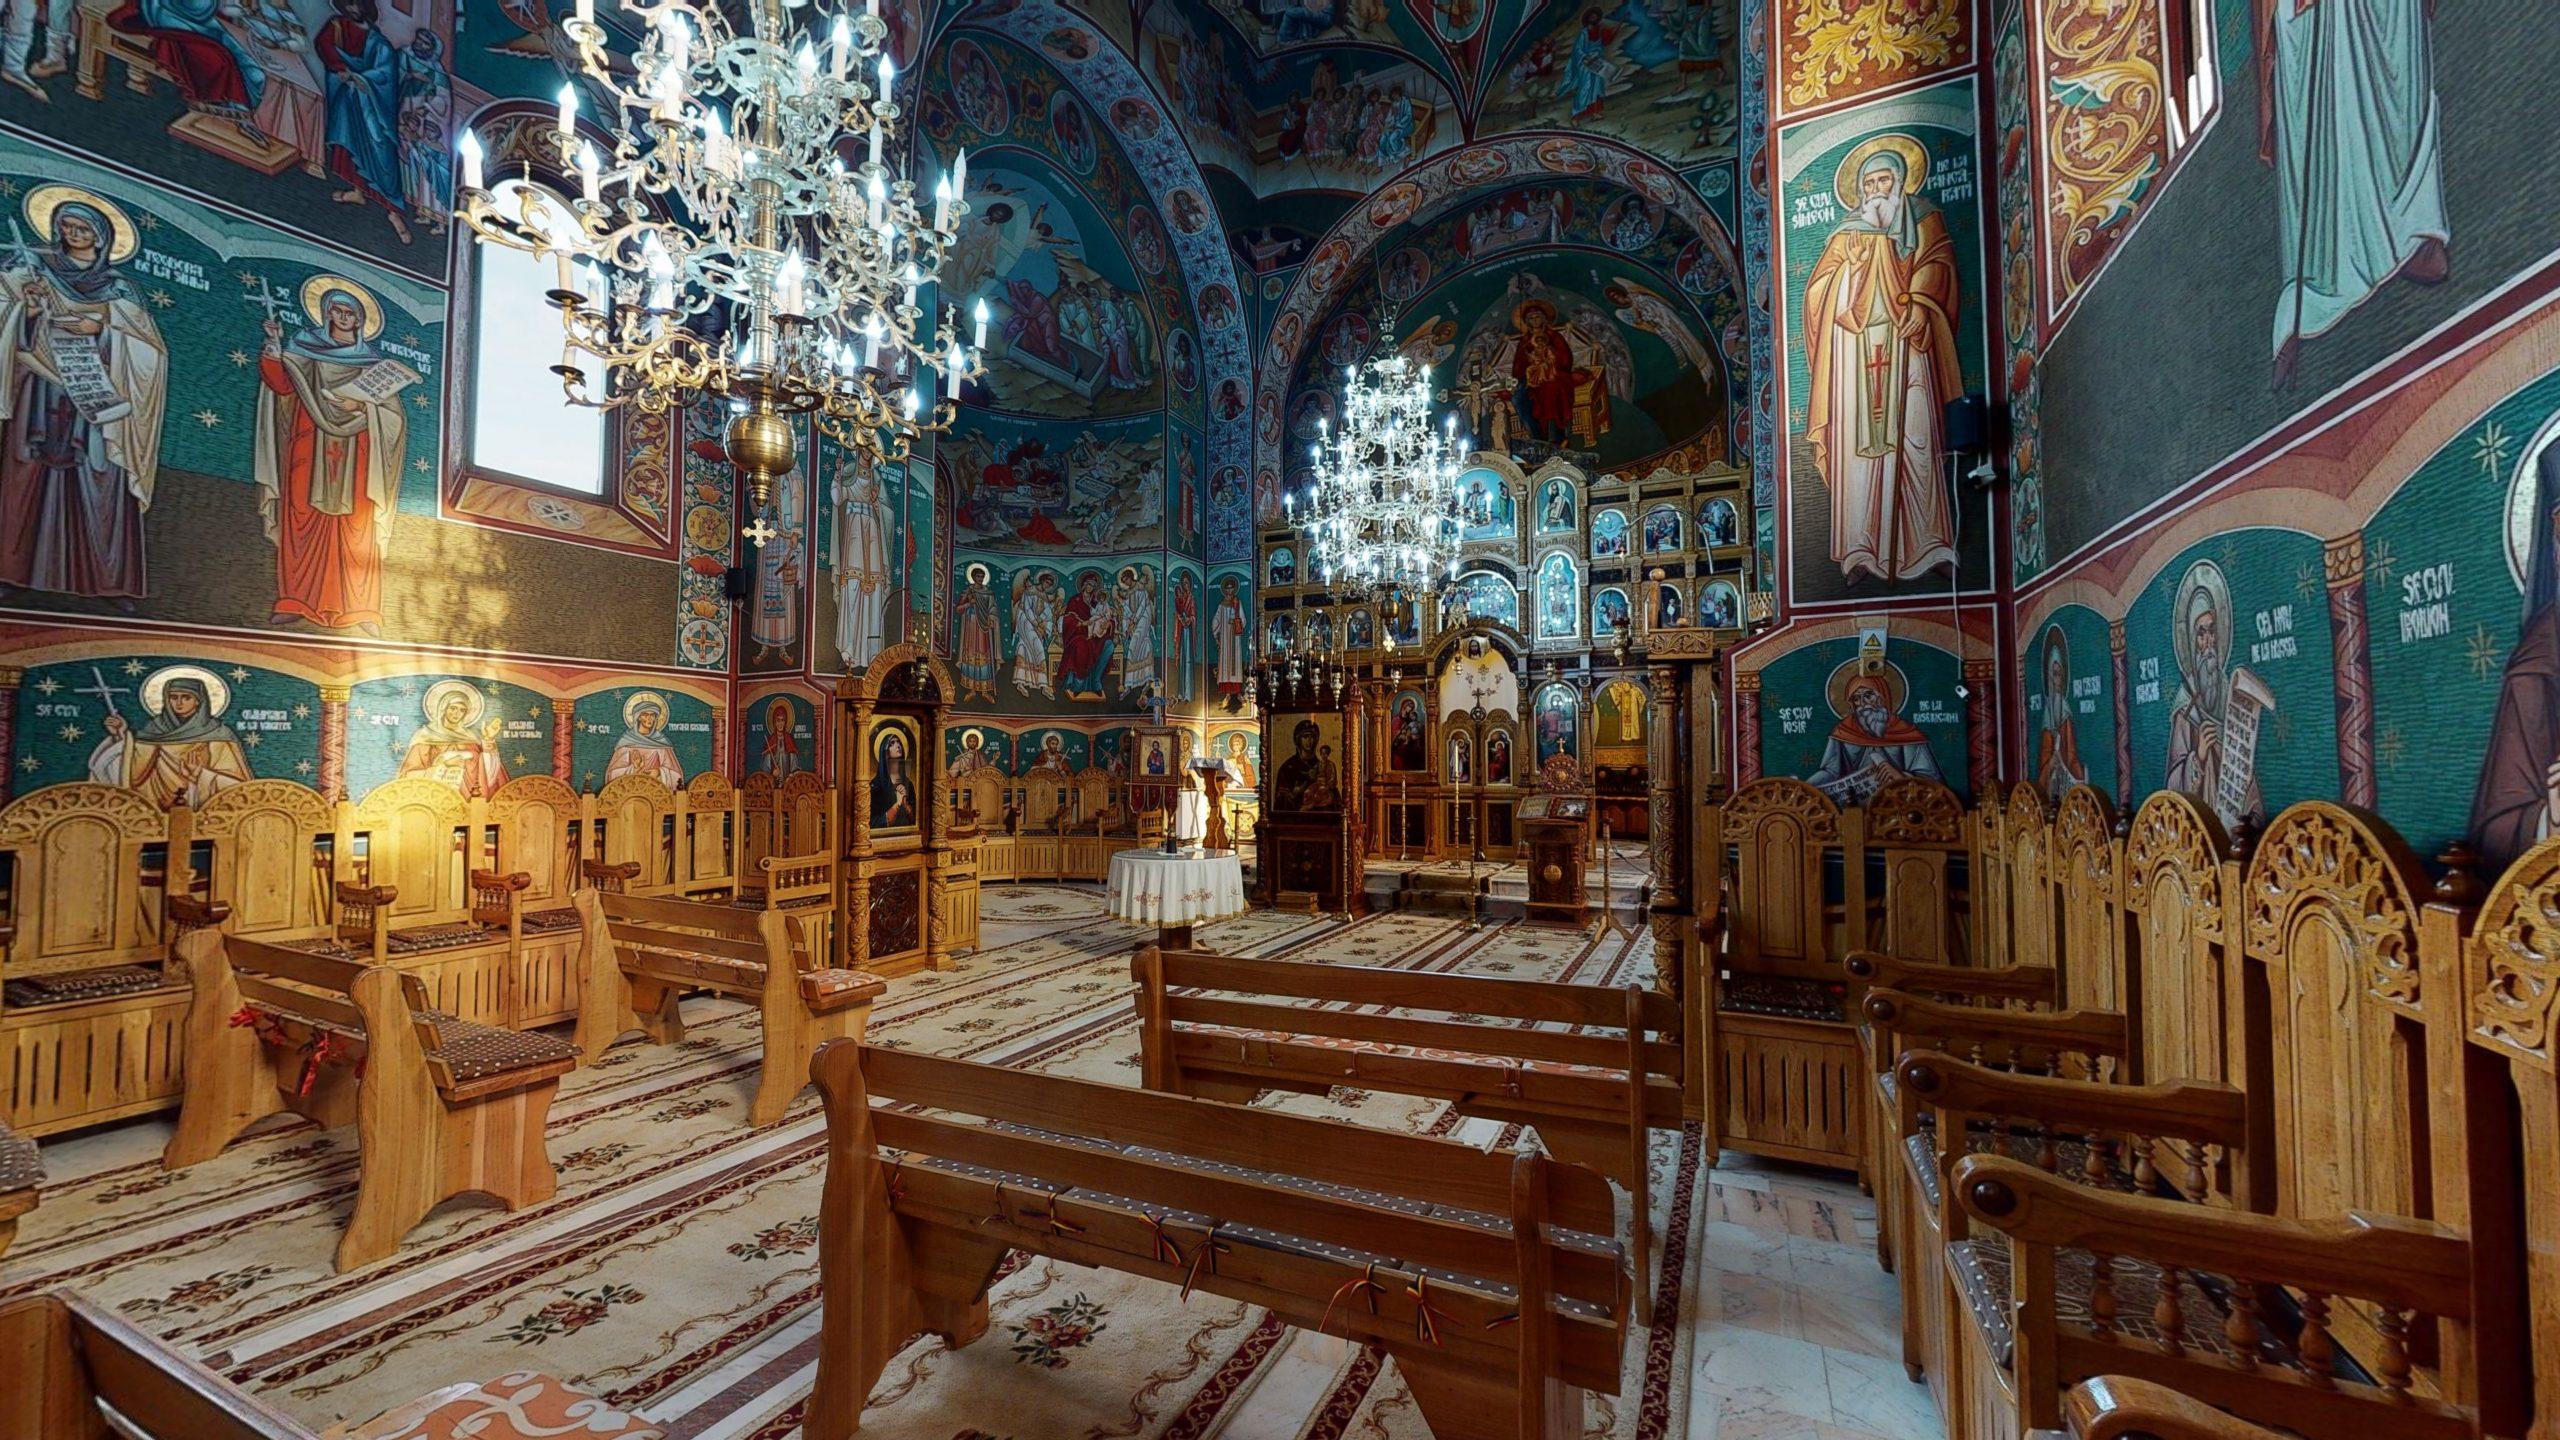 Biserica-Sfintii-Trei-Ierarhi-Flamanzi-11172020_010606